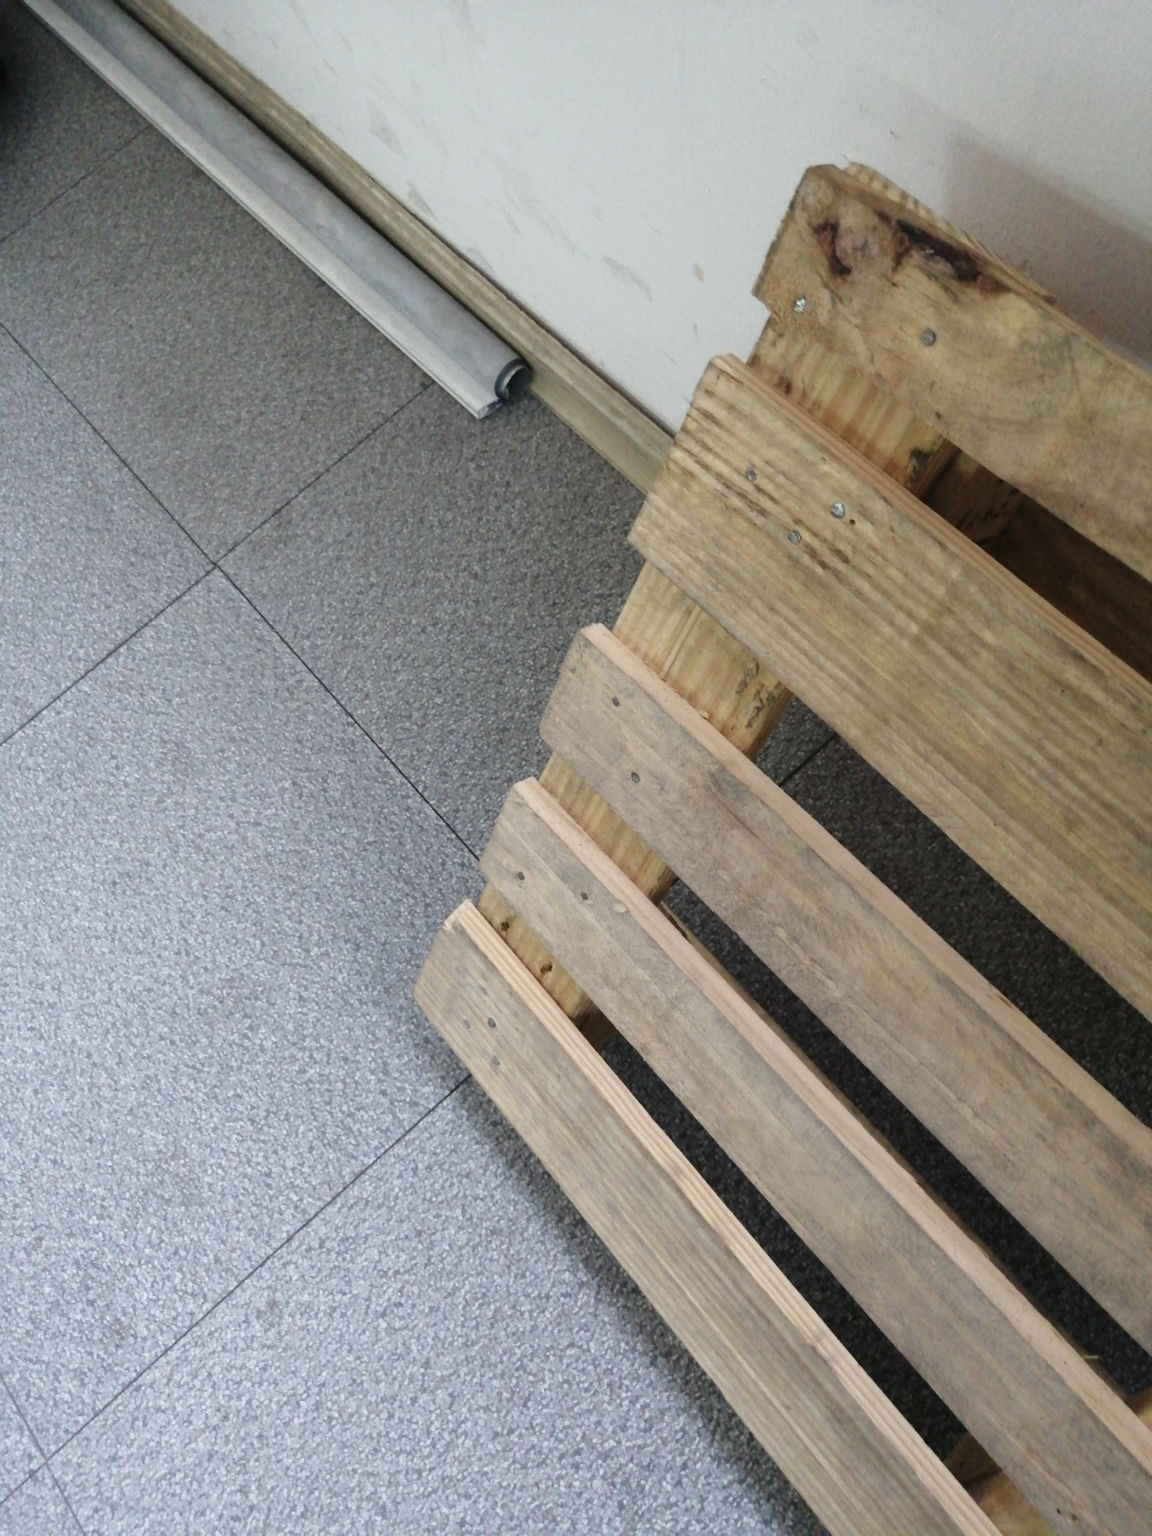 绍兴木托盘销售厂家/杭州木托盘销售厂家介绍木托盘采